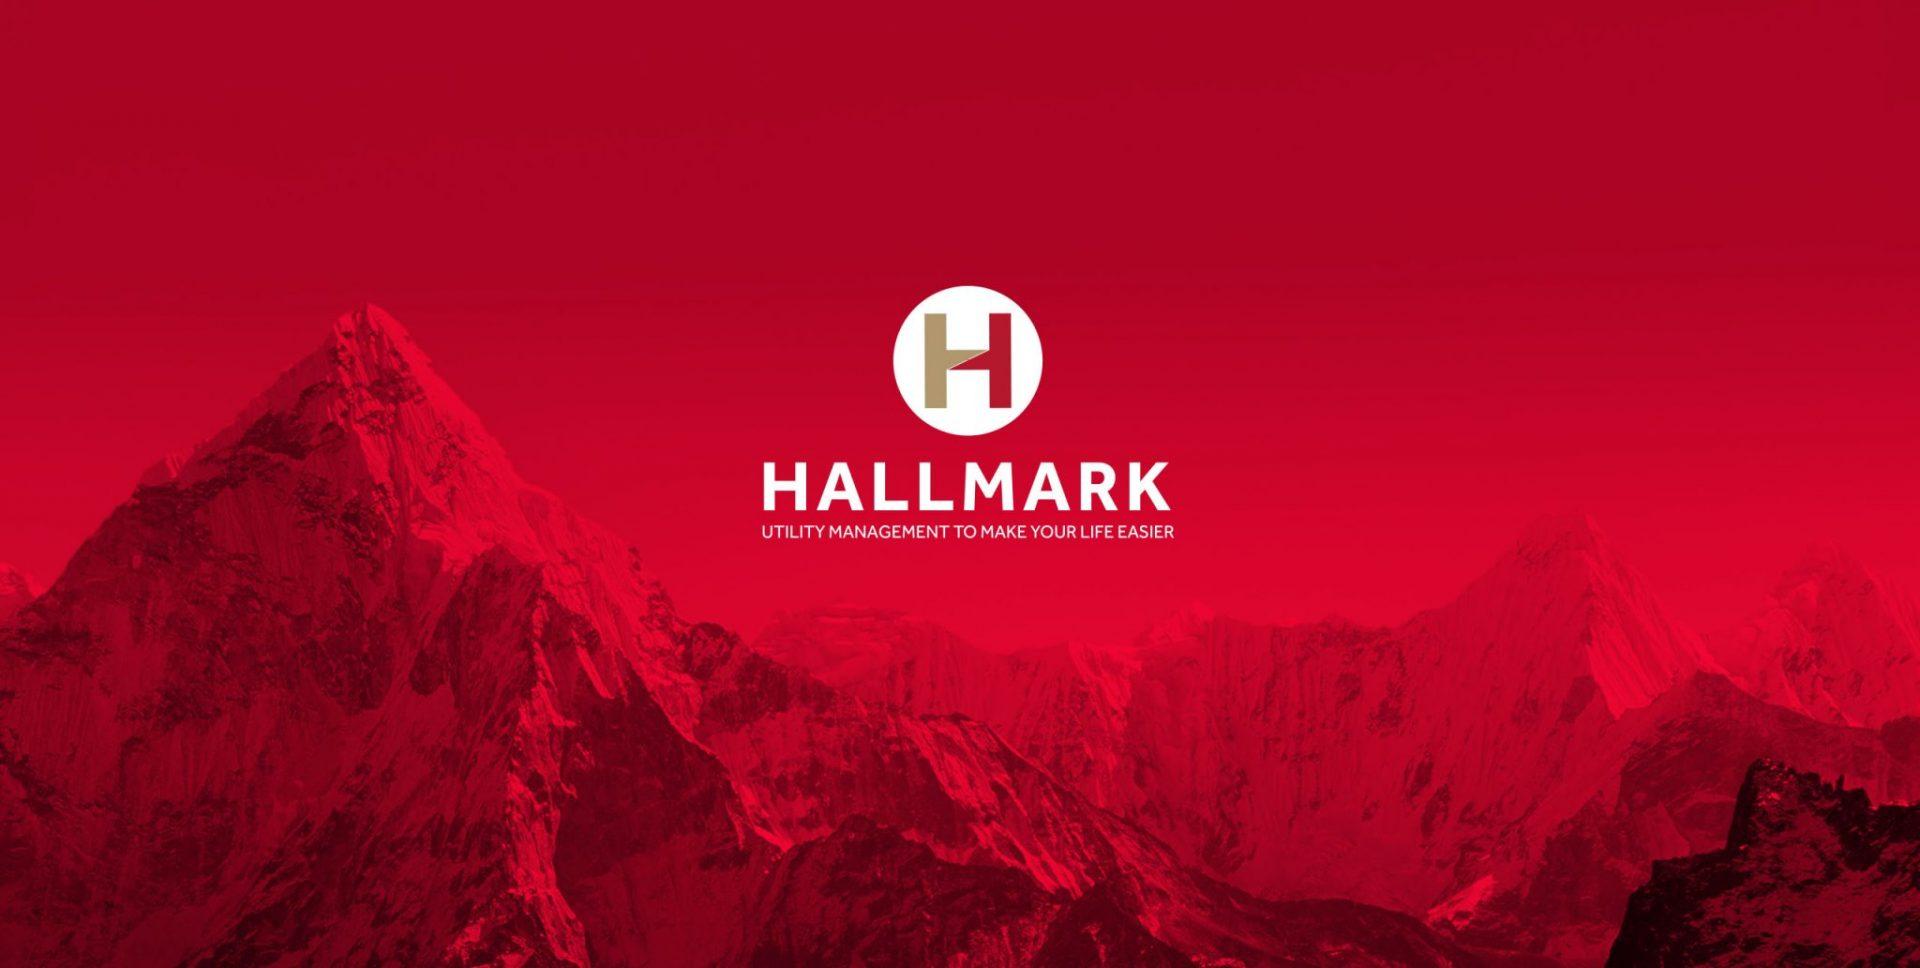 Hallmark-V2-Landscape-header-2560-x-1290